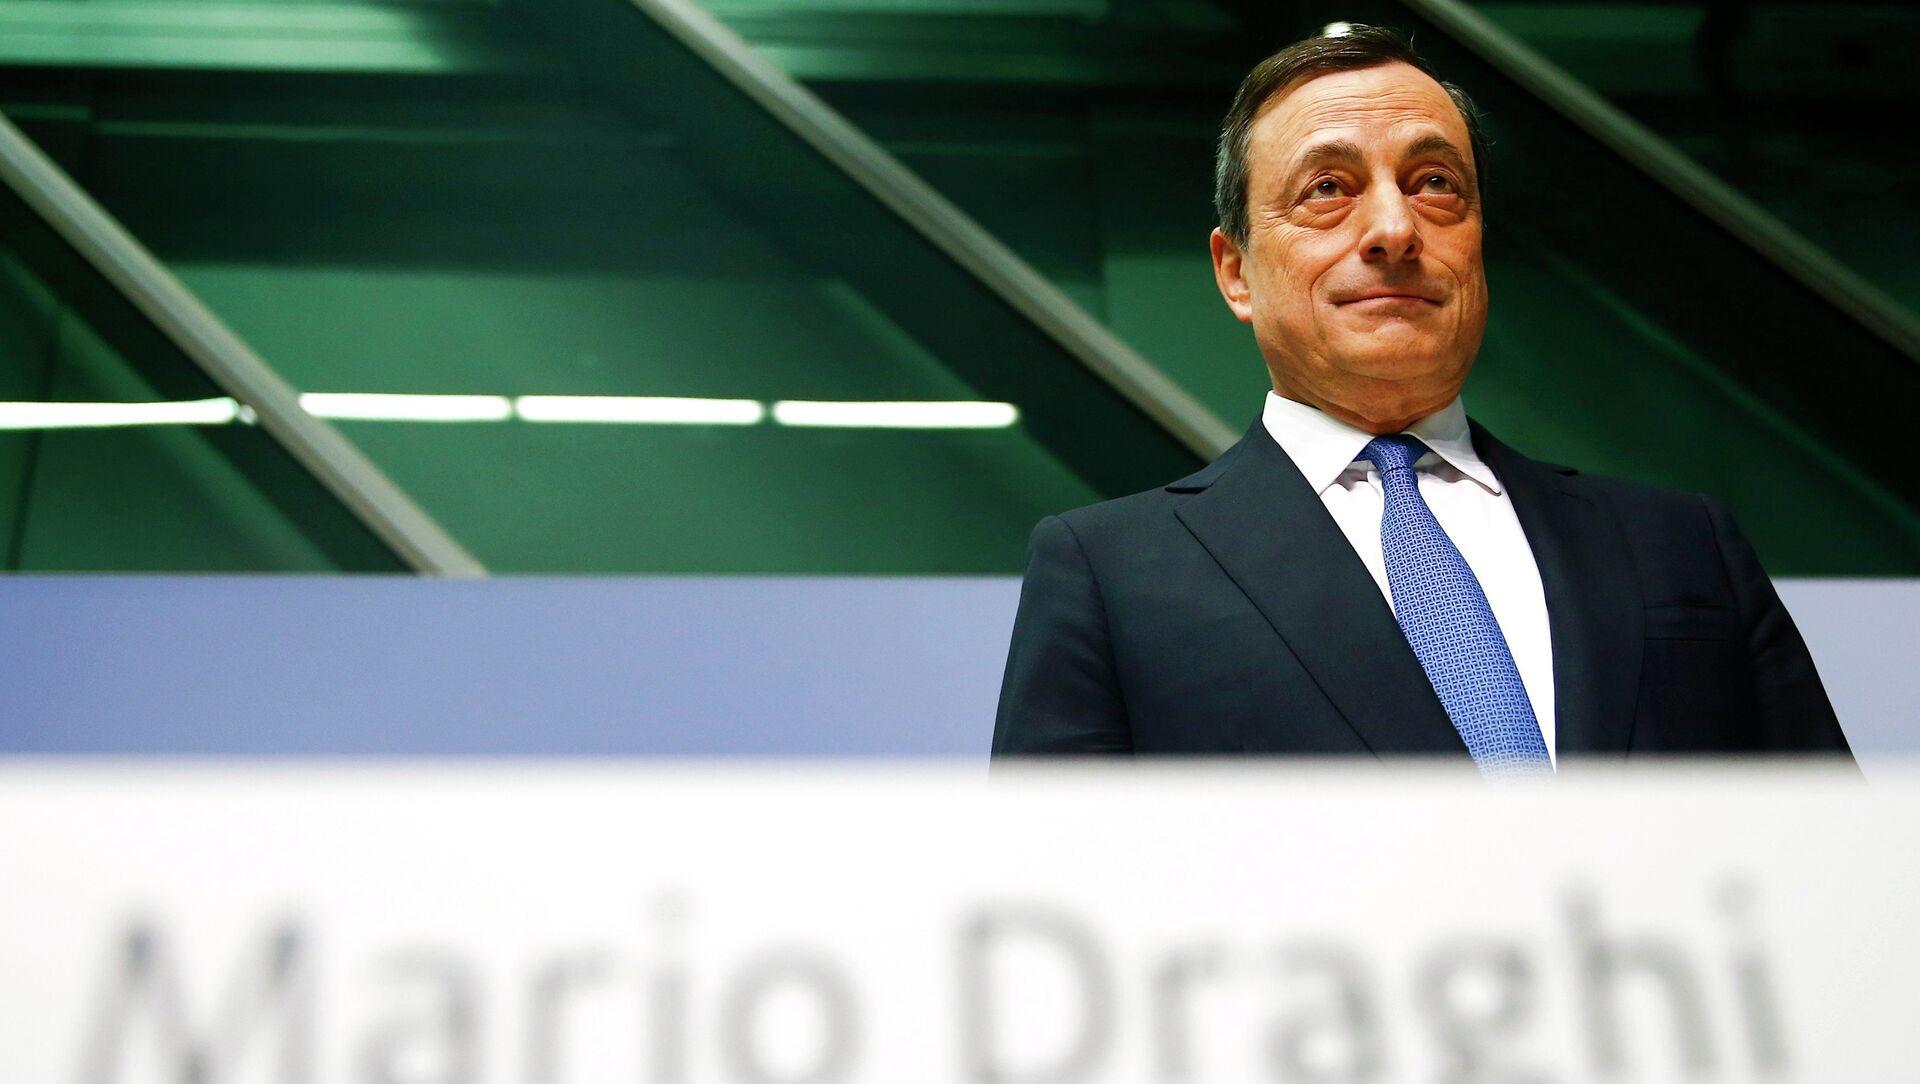 Presidente Mario Draghi alla conferenza di ECB a Francoforte. Il 22 gennaio 2015 - Sputnik Italia, 1920, 04.02.2021